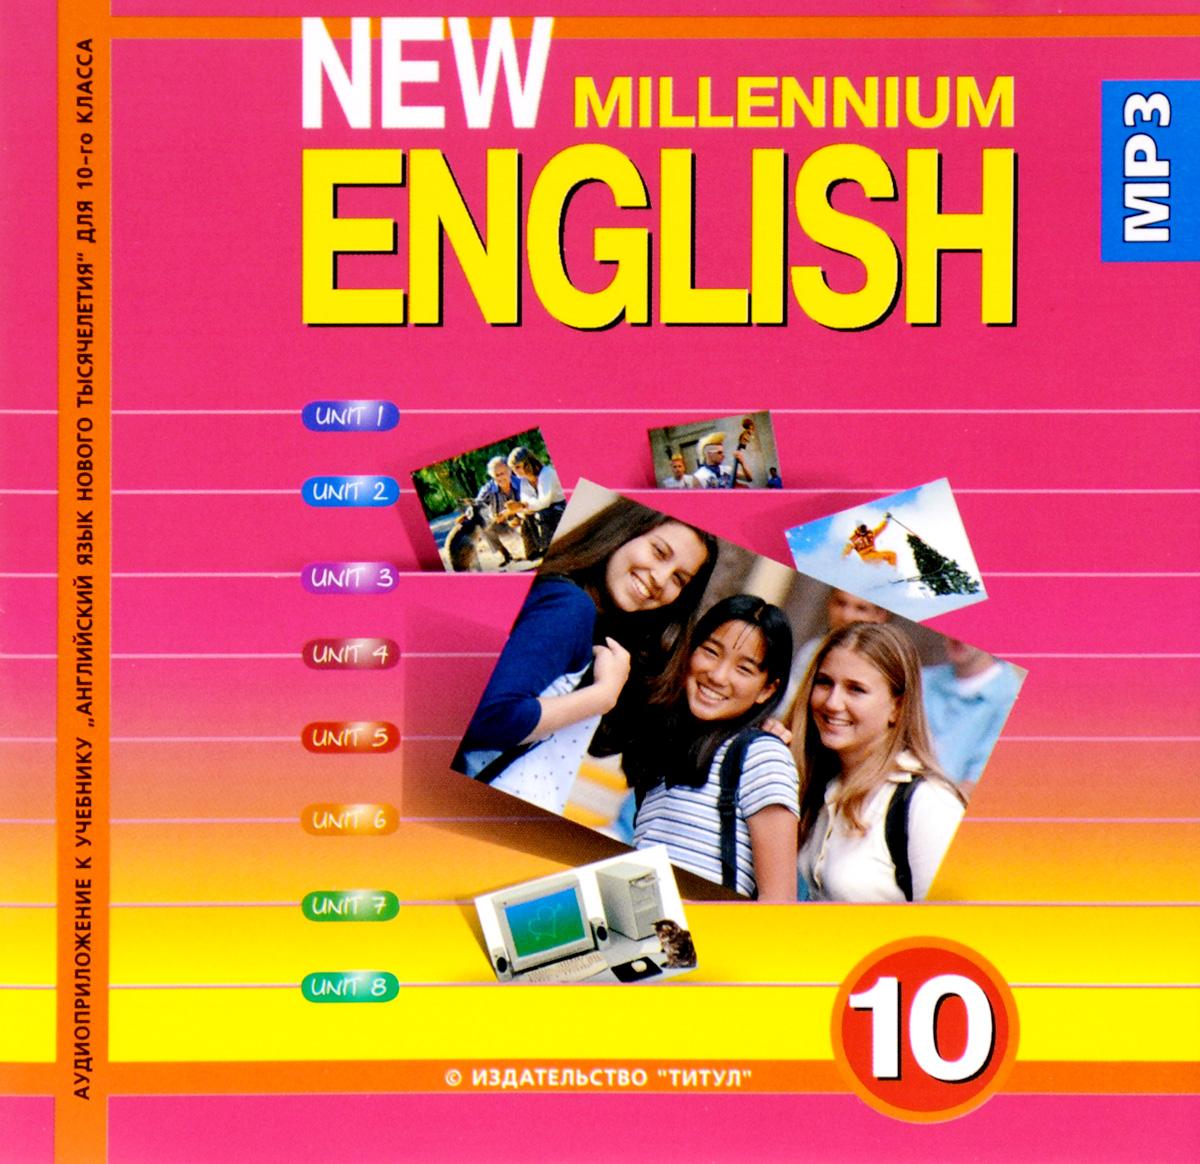 New Millennium English 10 / Английский язык нового тысячелетия. Английский язык. 10 класс. Электронное учебное пособие английский язык учебное пособие